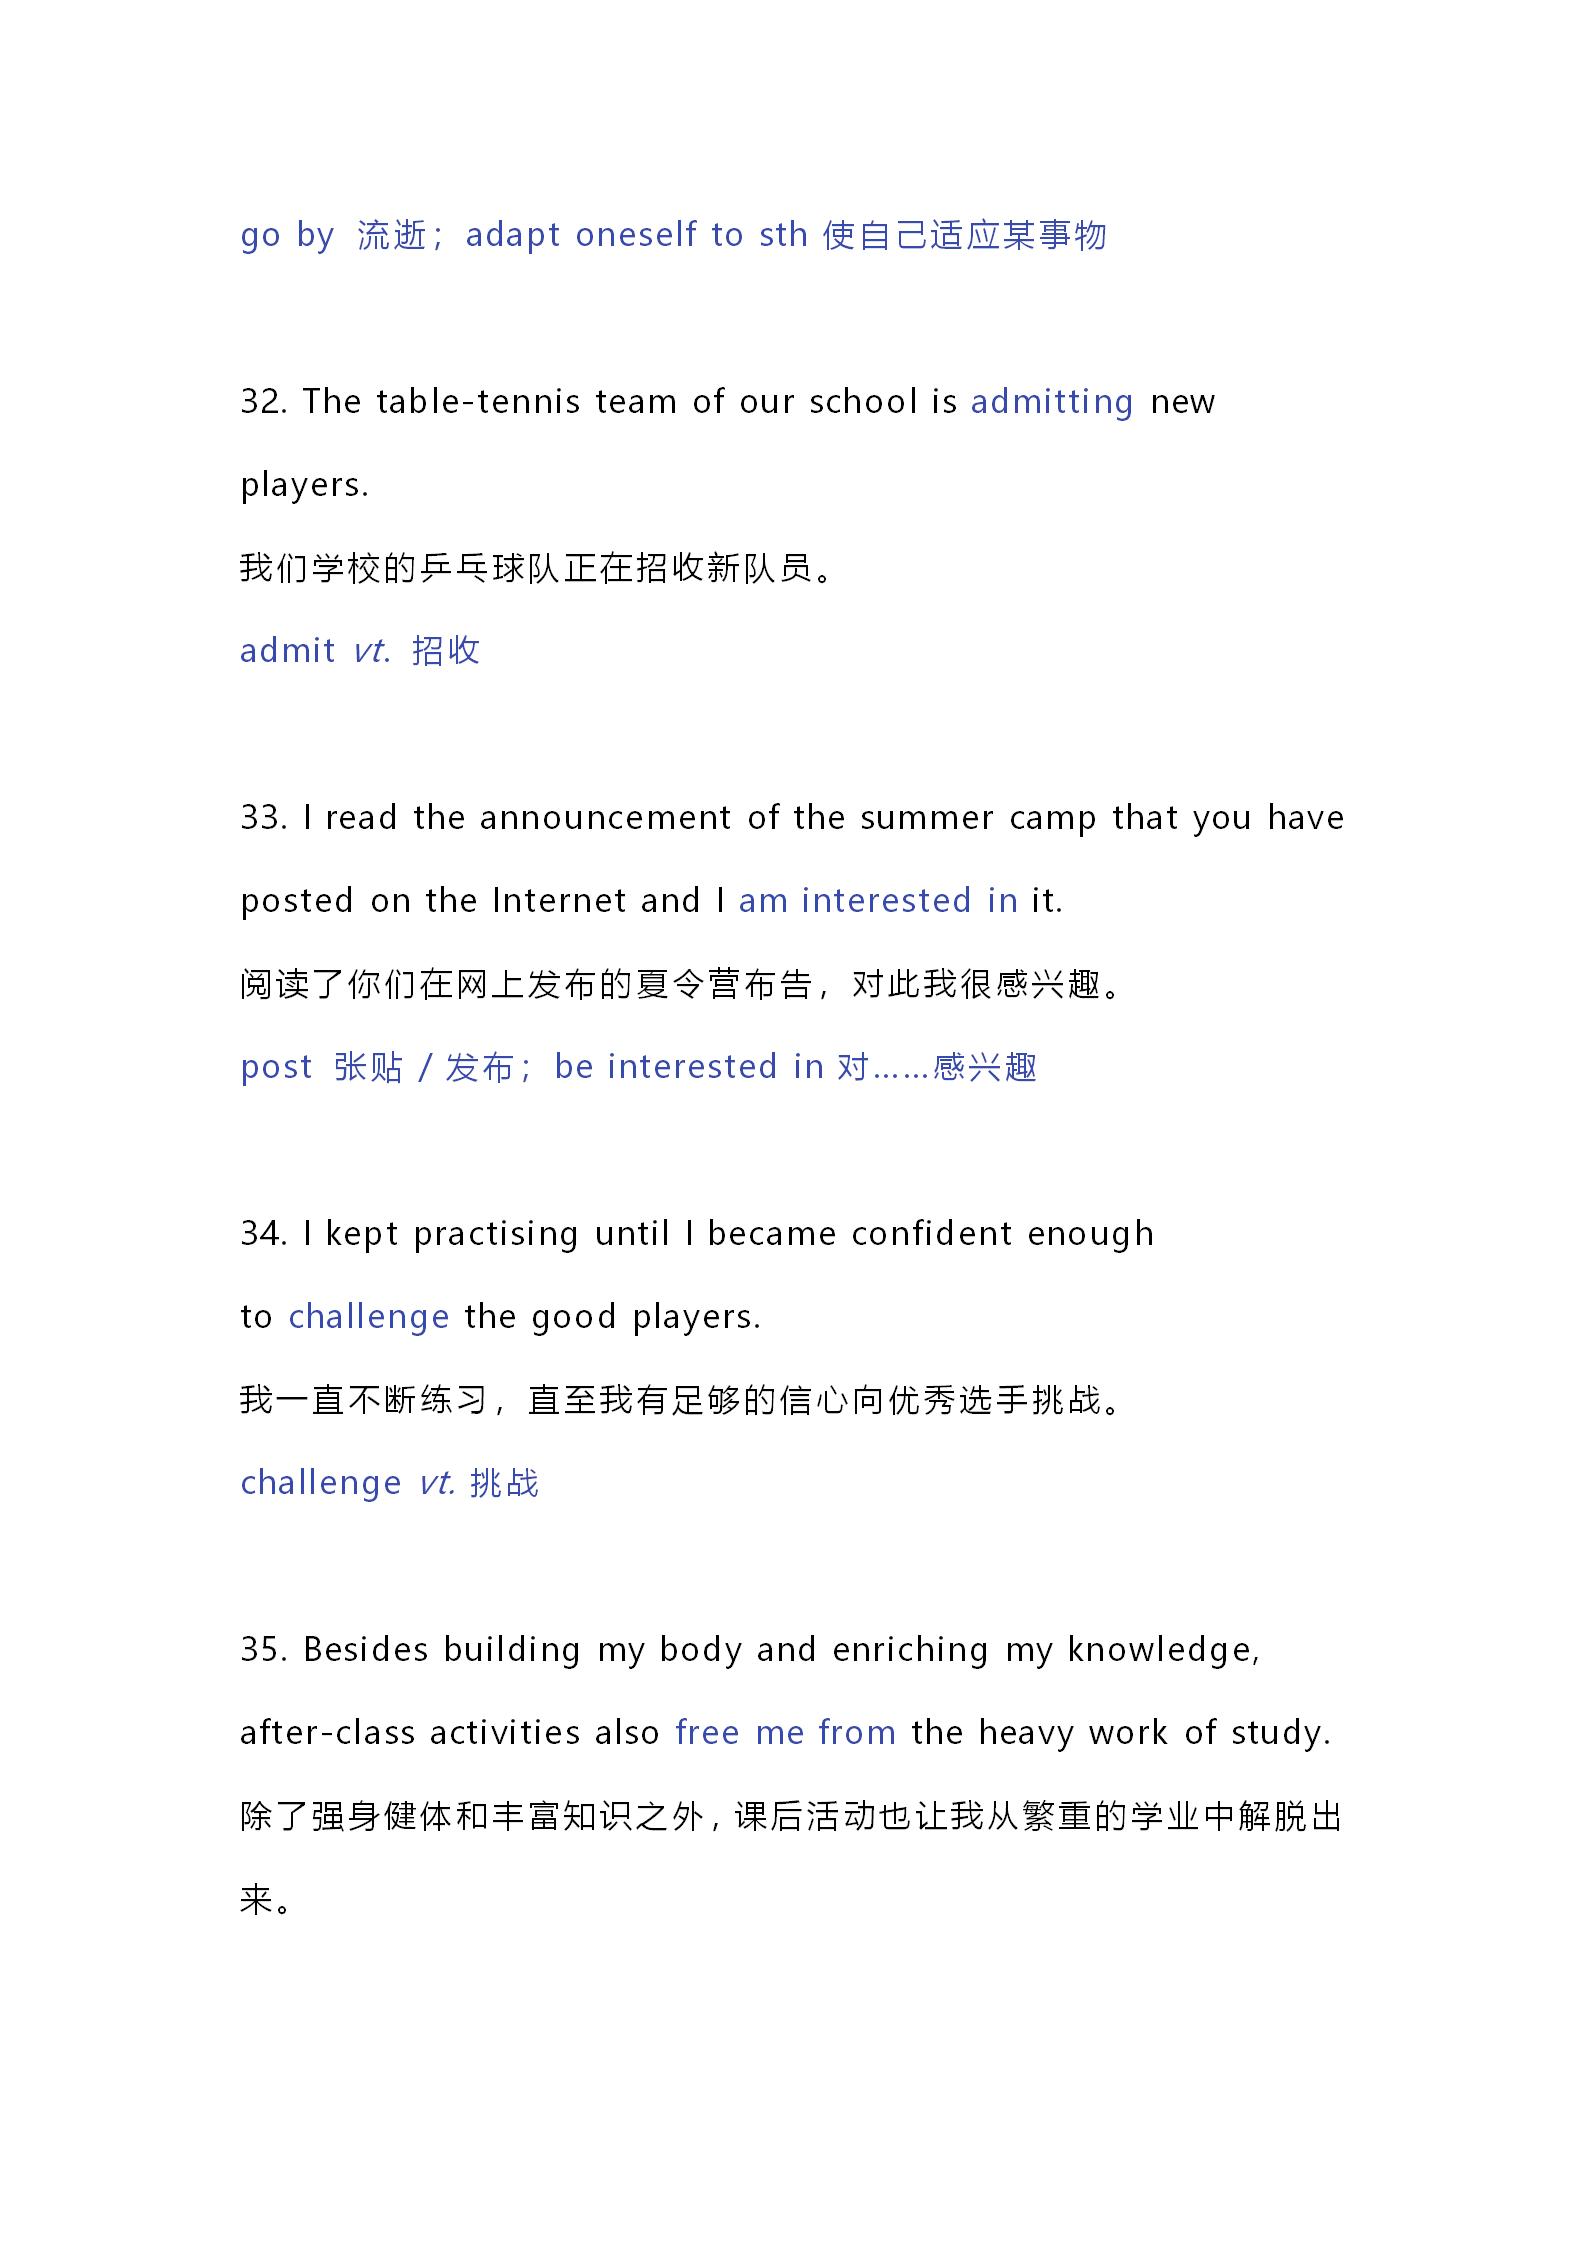 100个高考英语作文金句_08.png